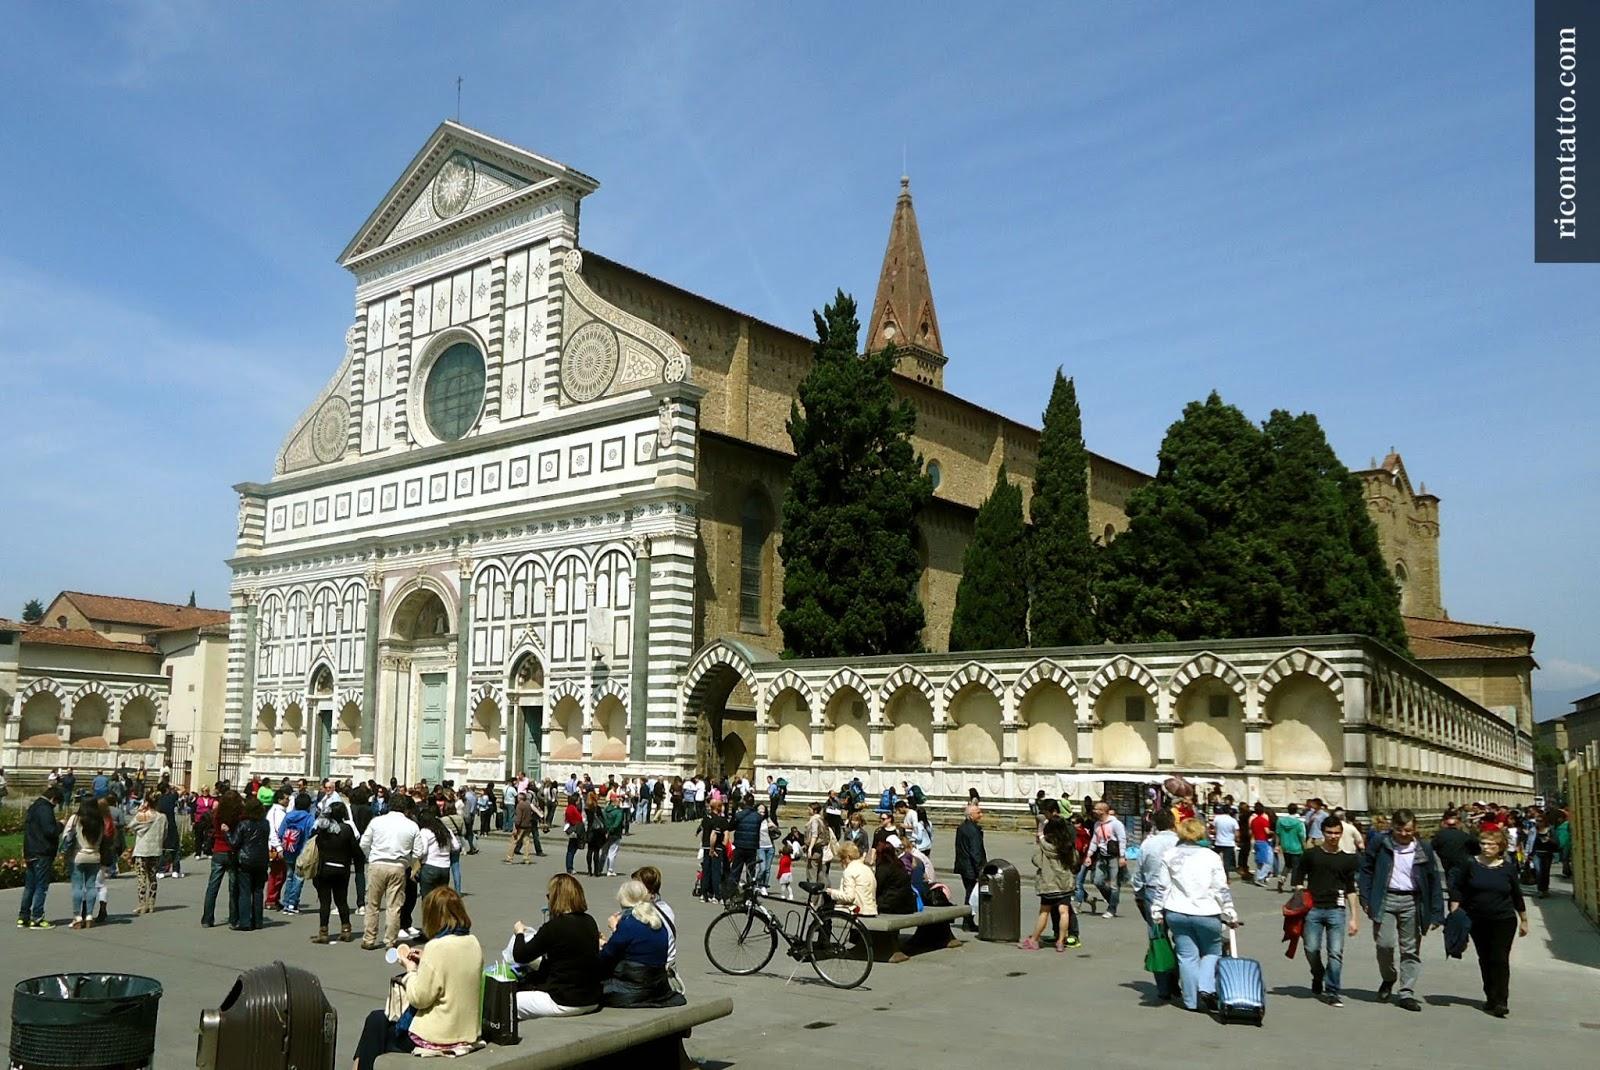 Firenze, Toscana, Italy - Photo #06 by Ricontatto.com